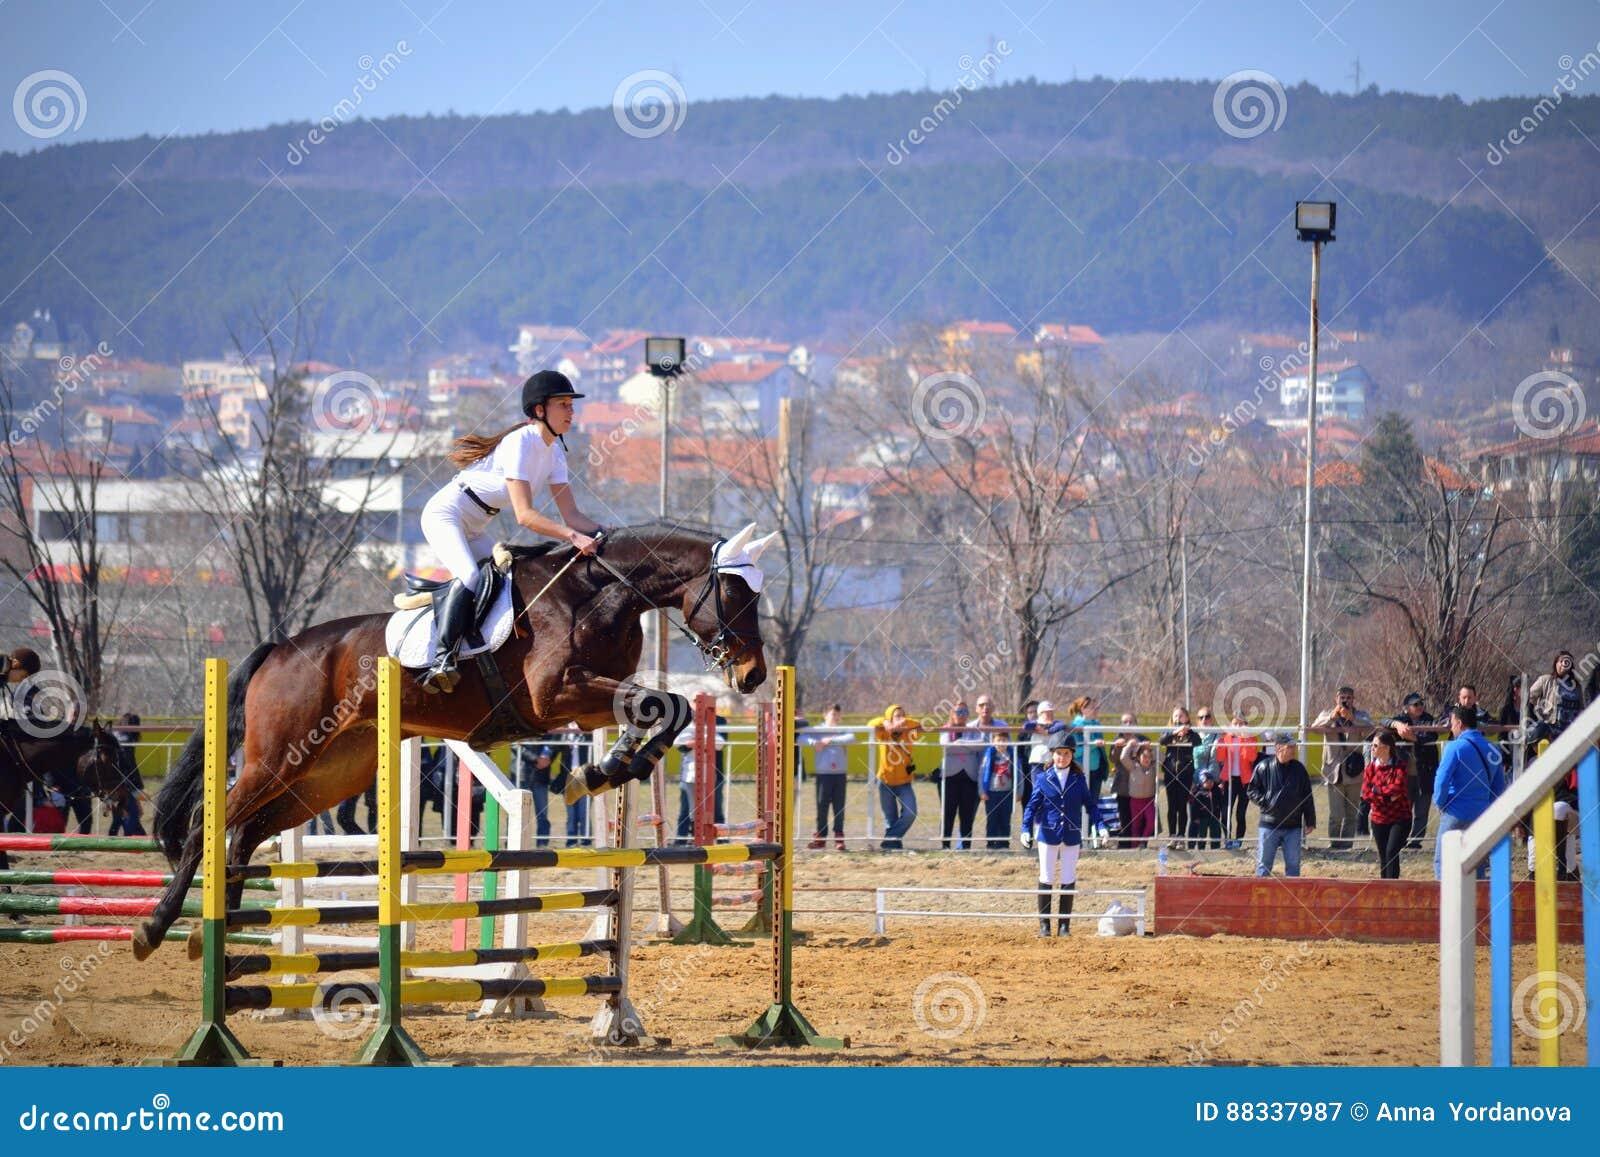 Cheval sautant de fille de l adolescence équestre au-dessus des rails  pendant la concurrence équestre pour les cavaliers juniors et jeunes à  l occasion des ... 6ab22e7c514